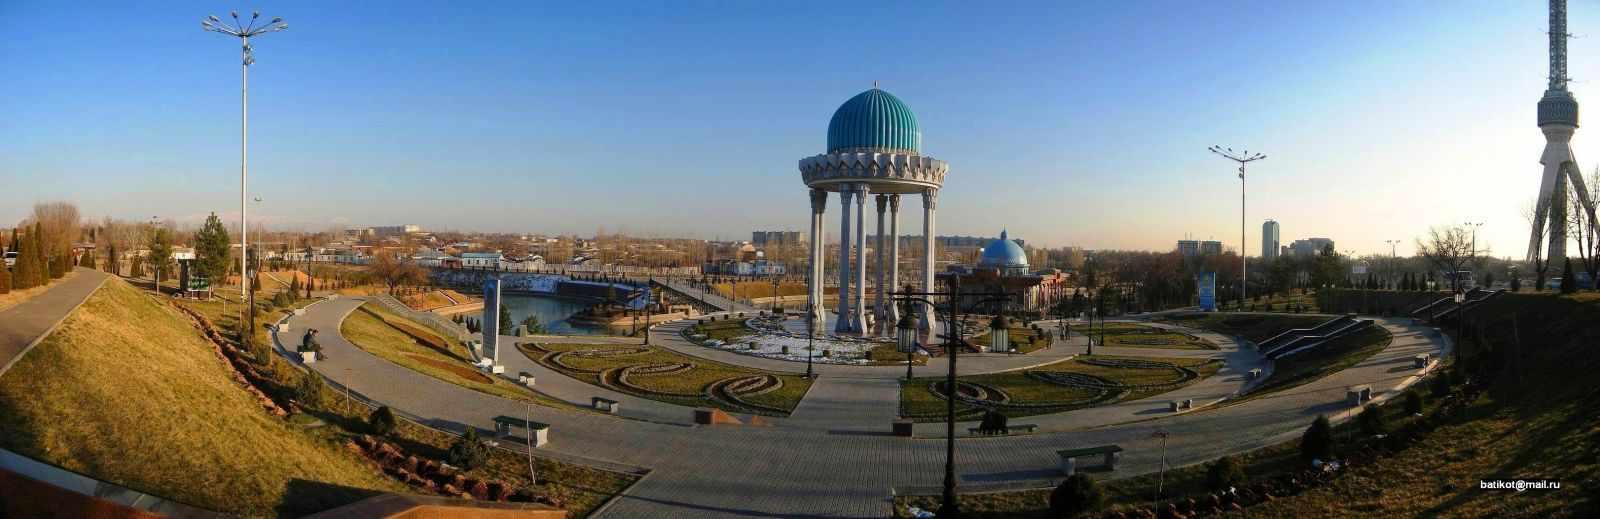 2 - 8 days Historical tour to Uzbekistan